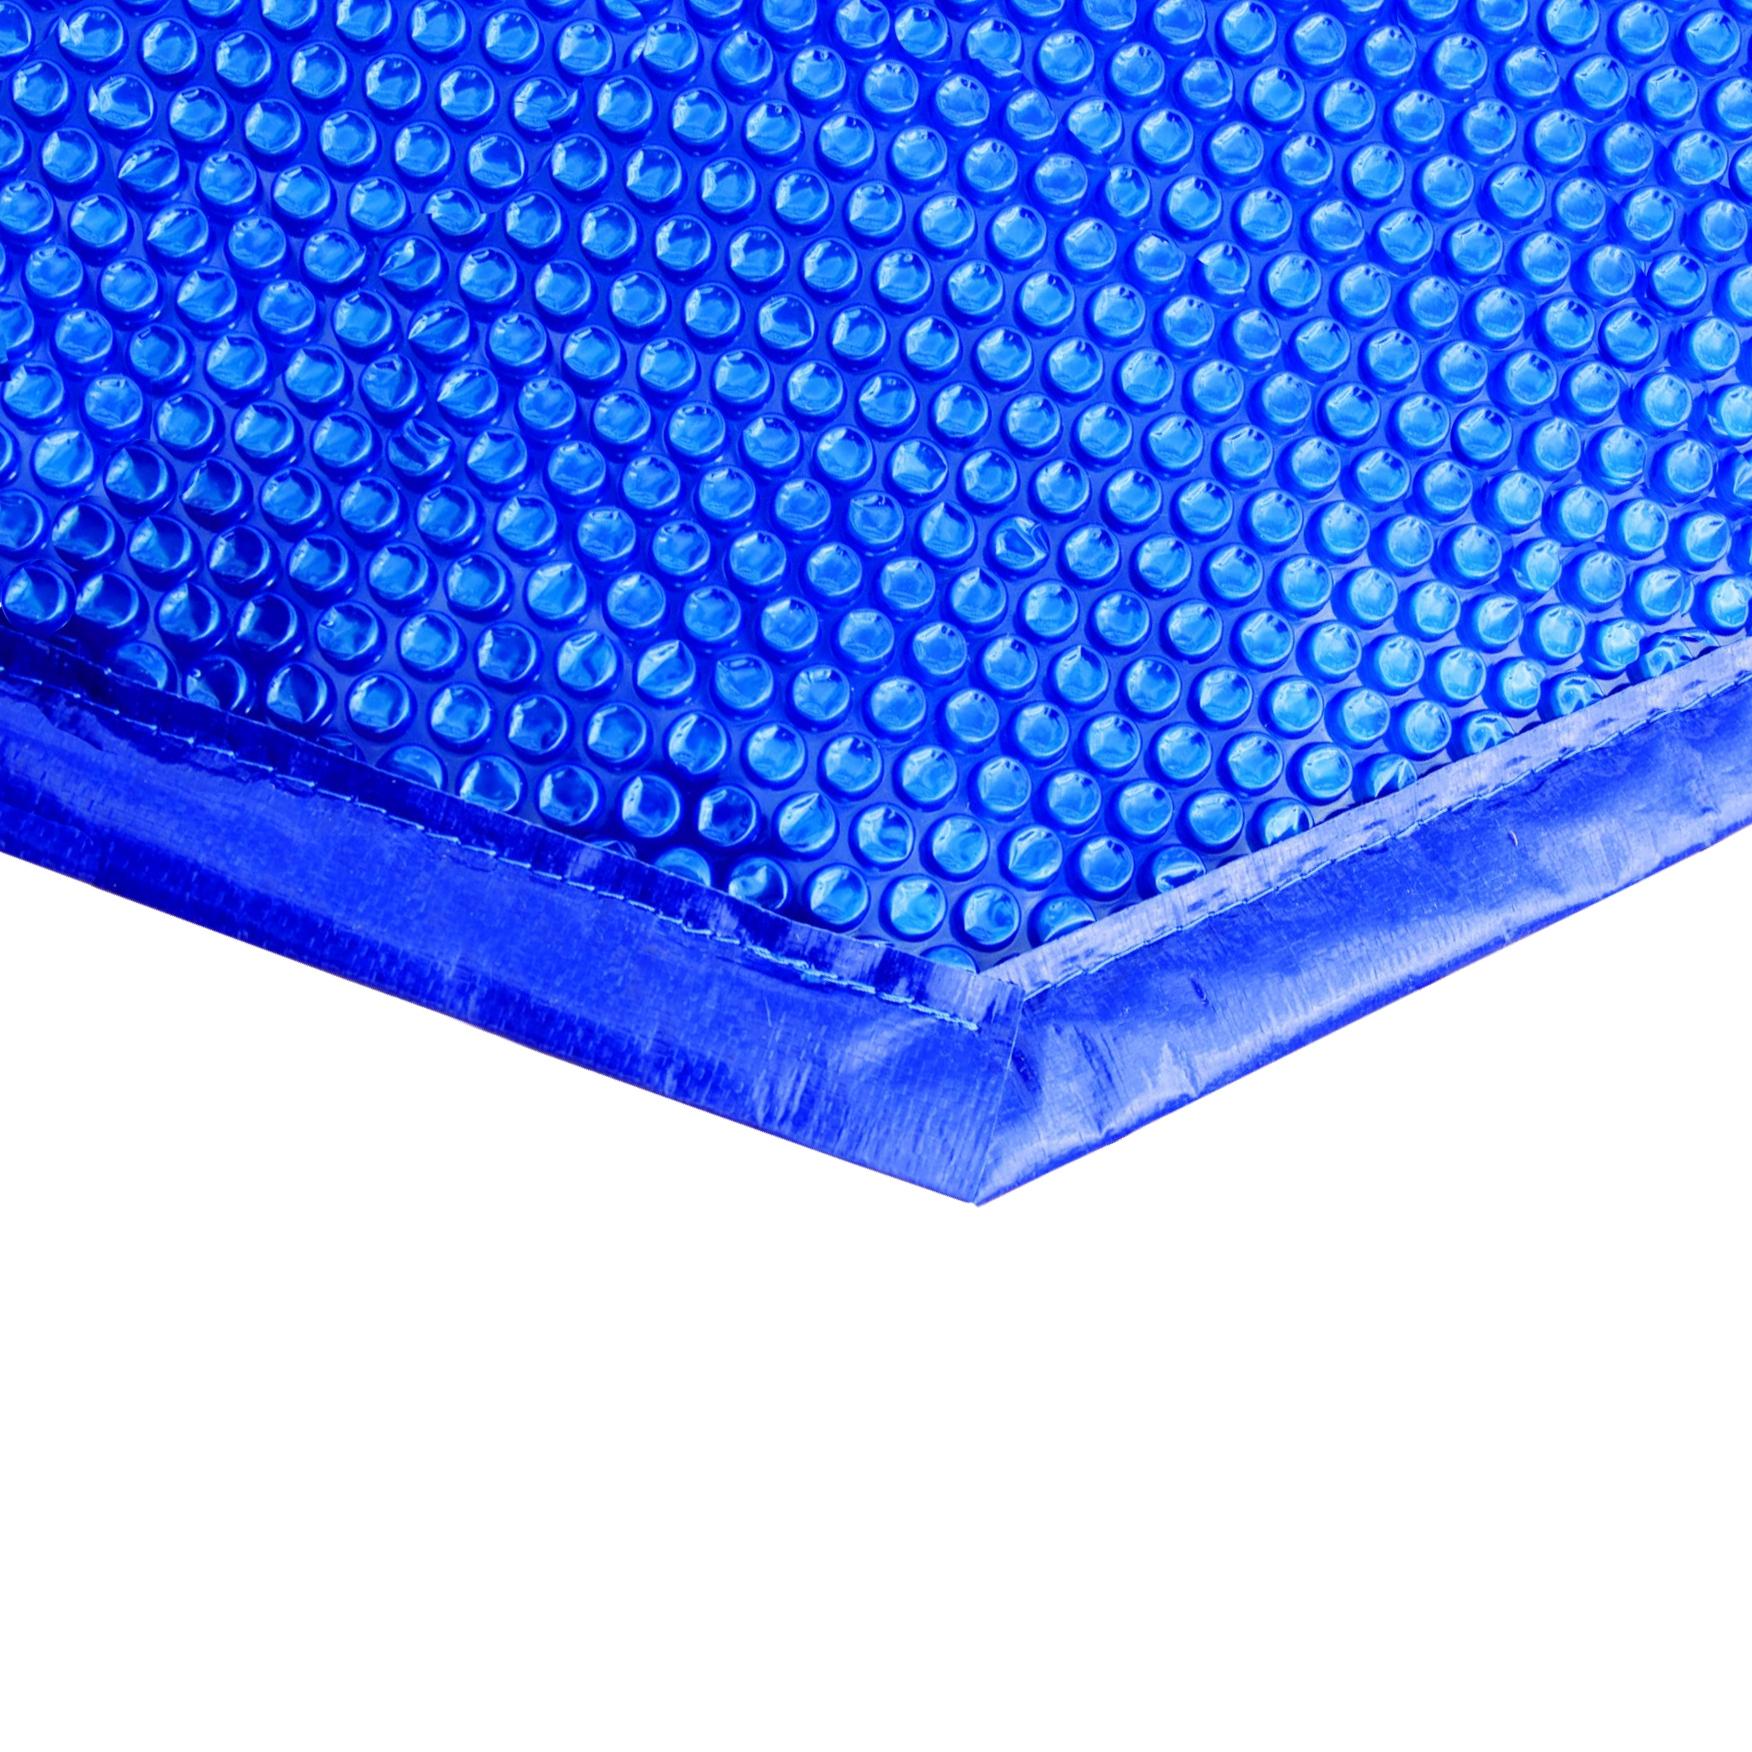 Bâche À Bulles Bordée Pour Piscine Hexagonale Ø 5,1 M Ubbink - Mr.bricolage avec Bache À Bulles Piscine